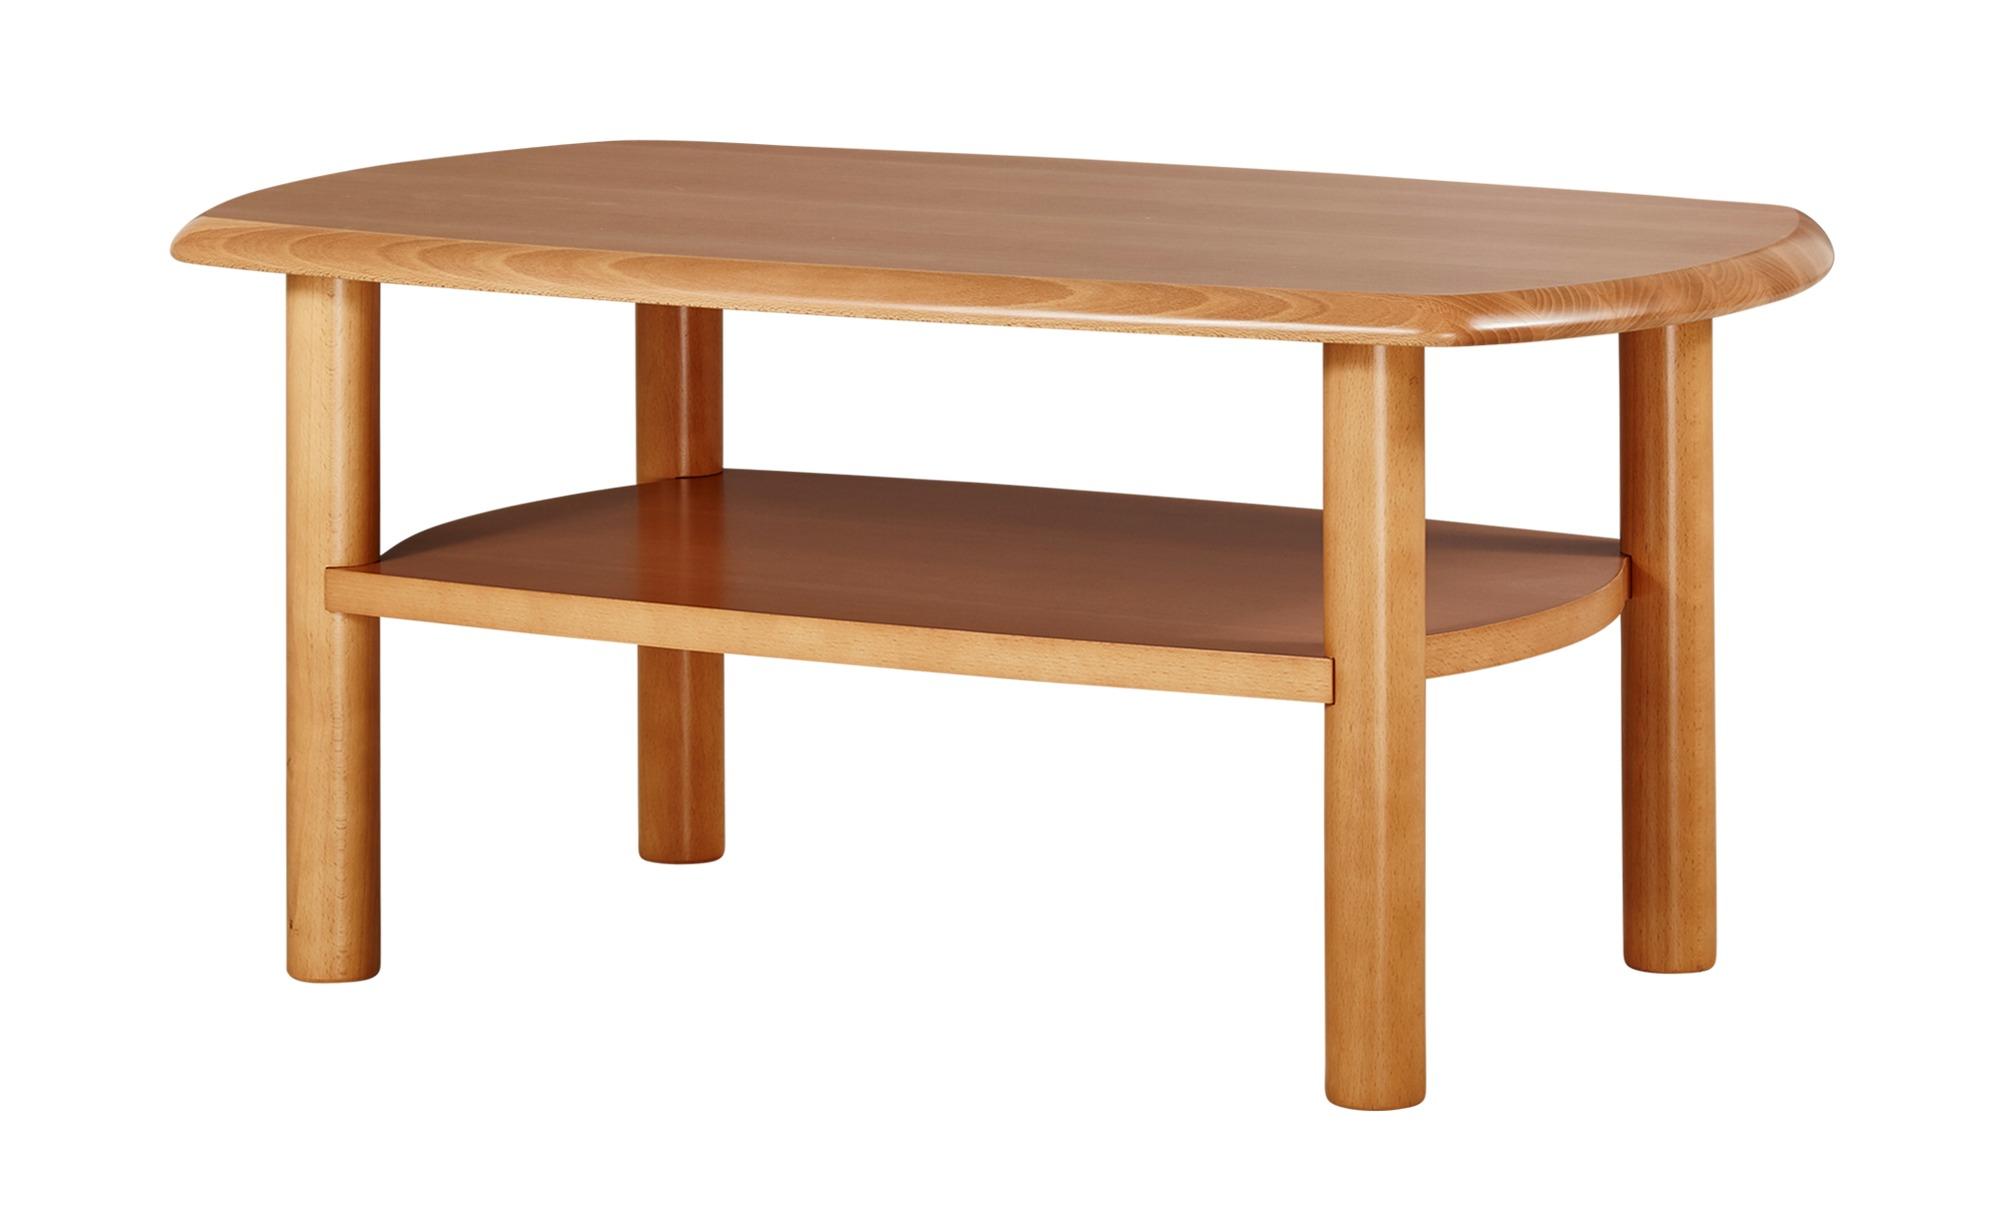 Couchtisch  Hamal ¦ holzfarben ¦ Maße (cm): B: 60 H: 48 T: 60 Tische > Couchtische > Couchtisch Massivholz - Höffner